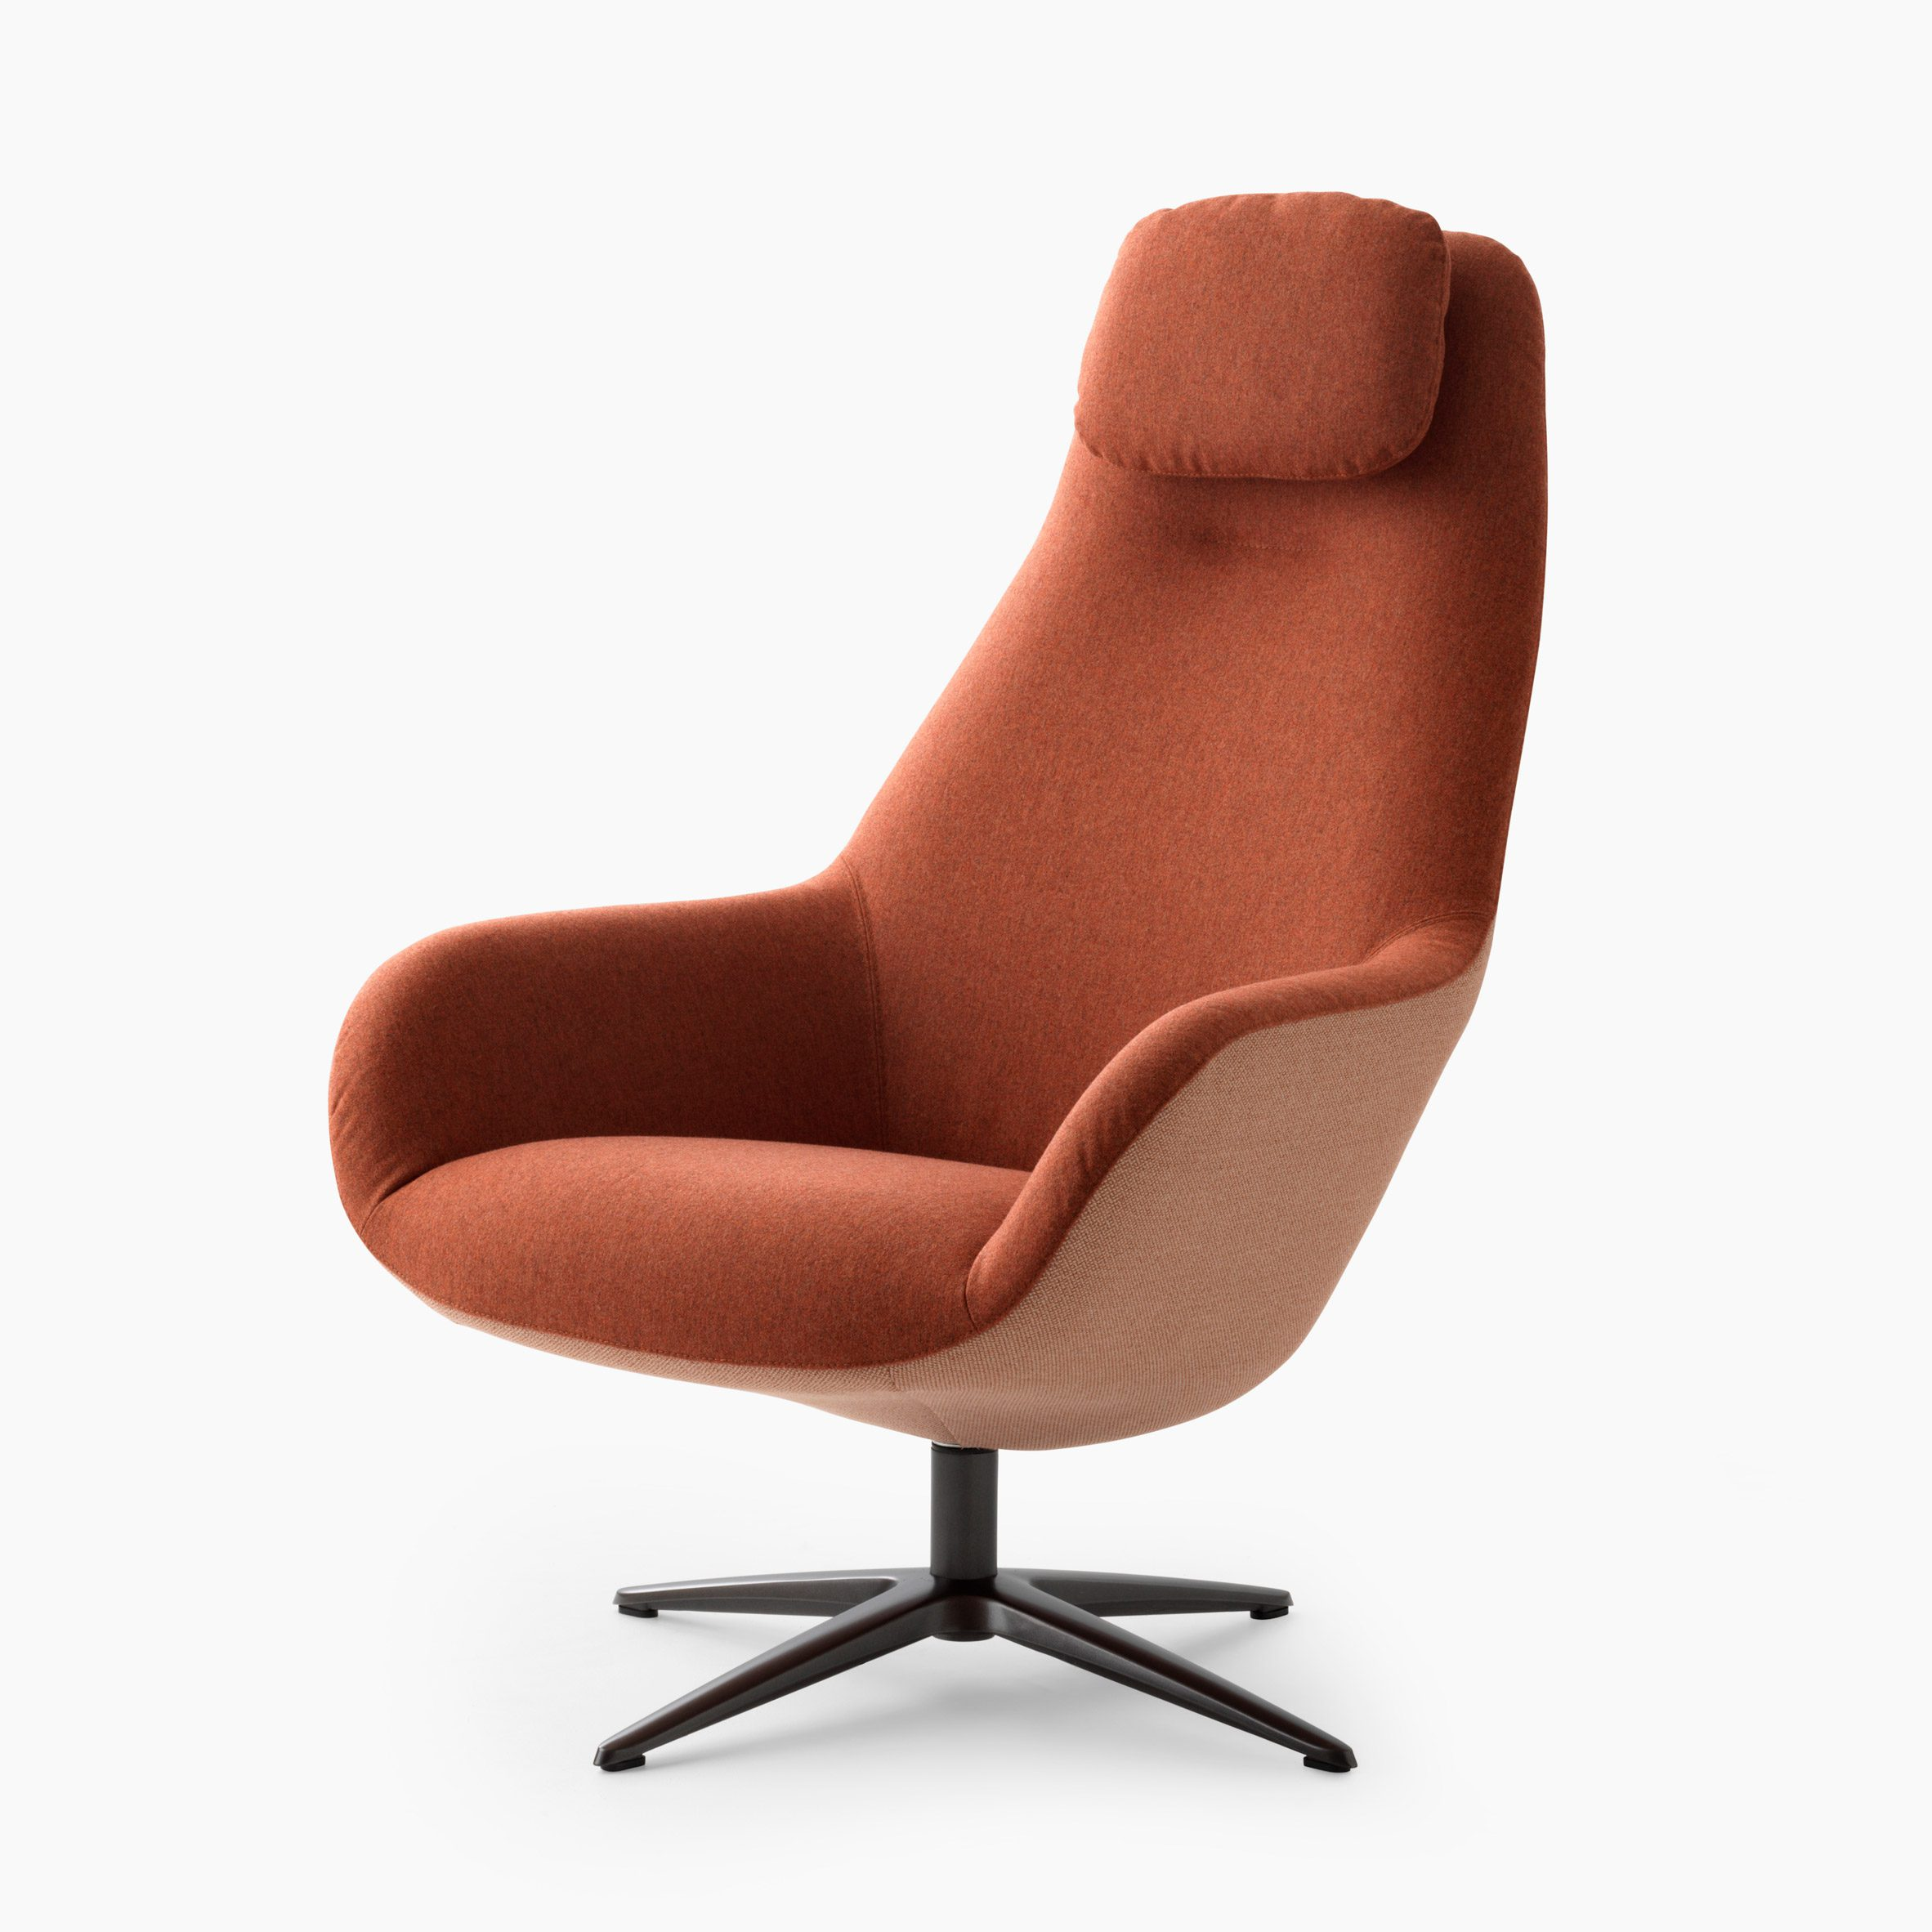 An orange high-backed LXR03 chair